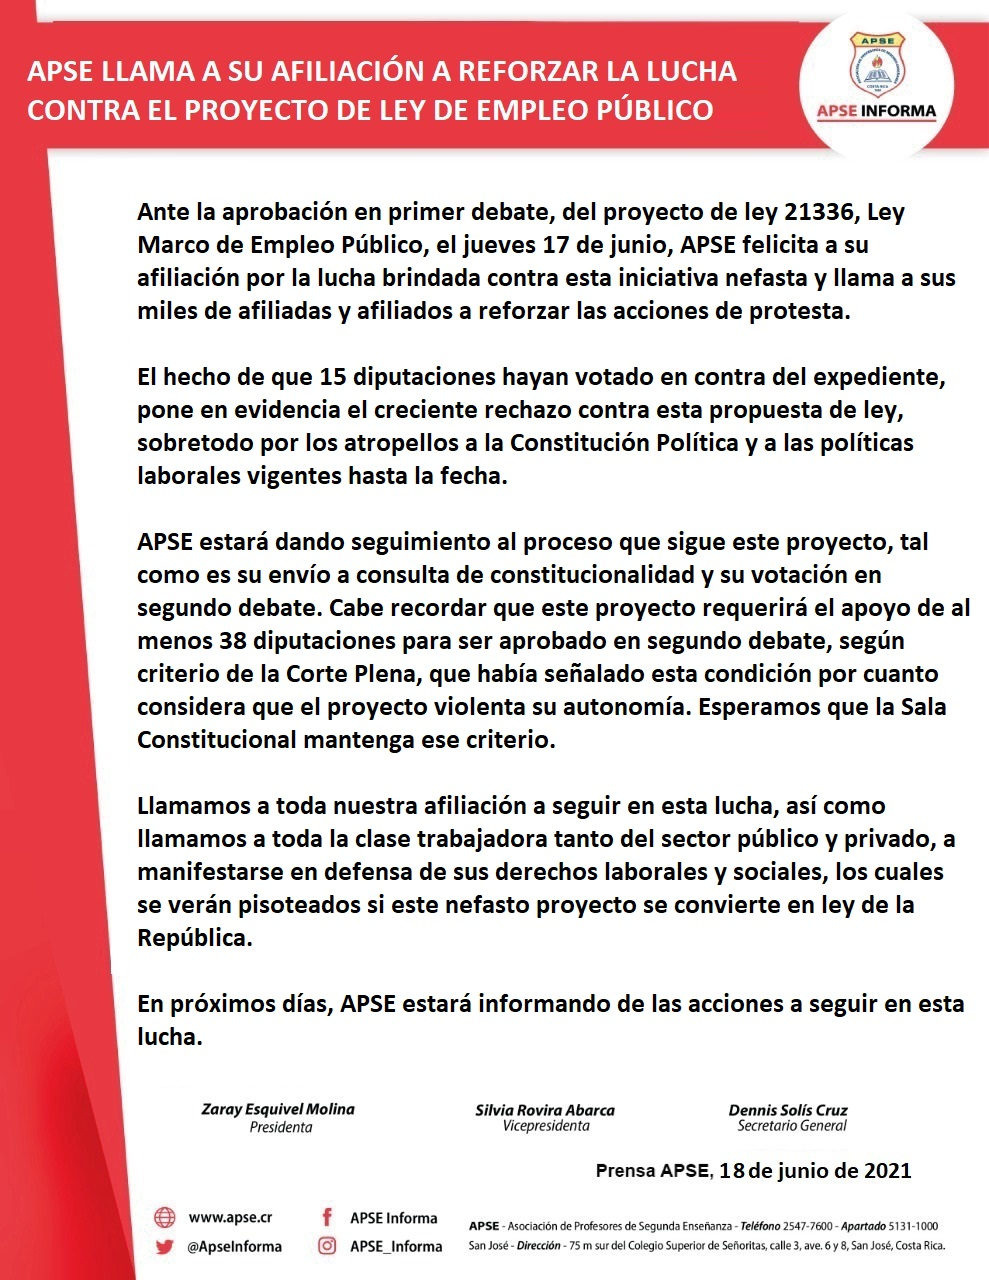 APSE LLAMA A SU AFILIACIÓN A REFORZAR LA LUCHA CONTRA EL PROYECTO DE LEY DE EMPLEO PÚBLICO